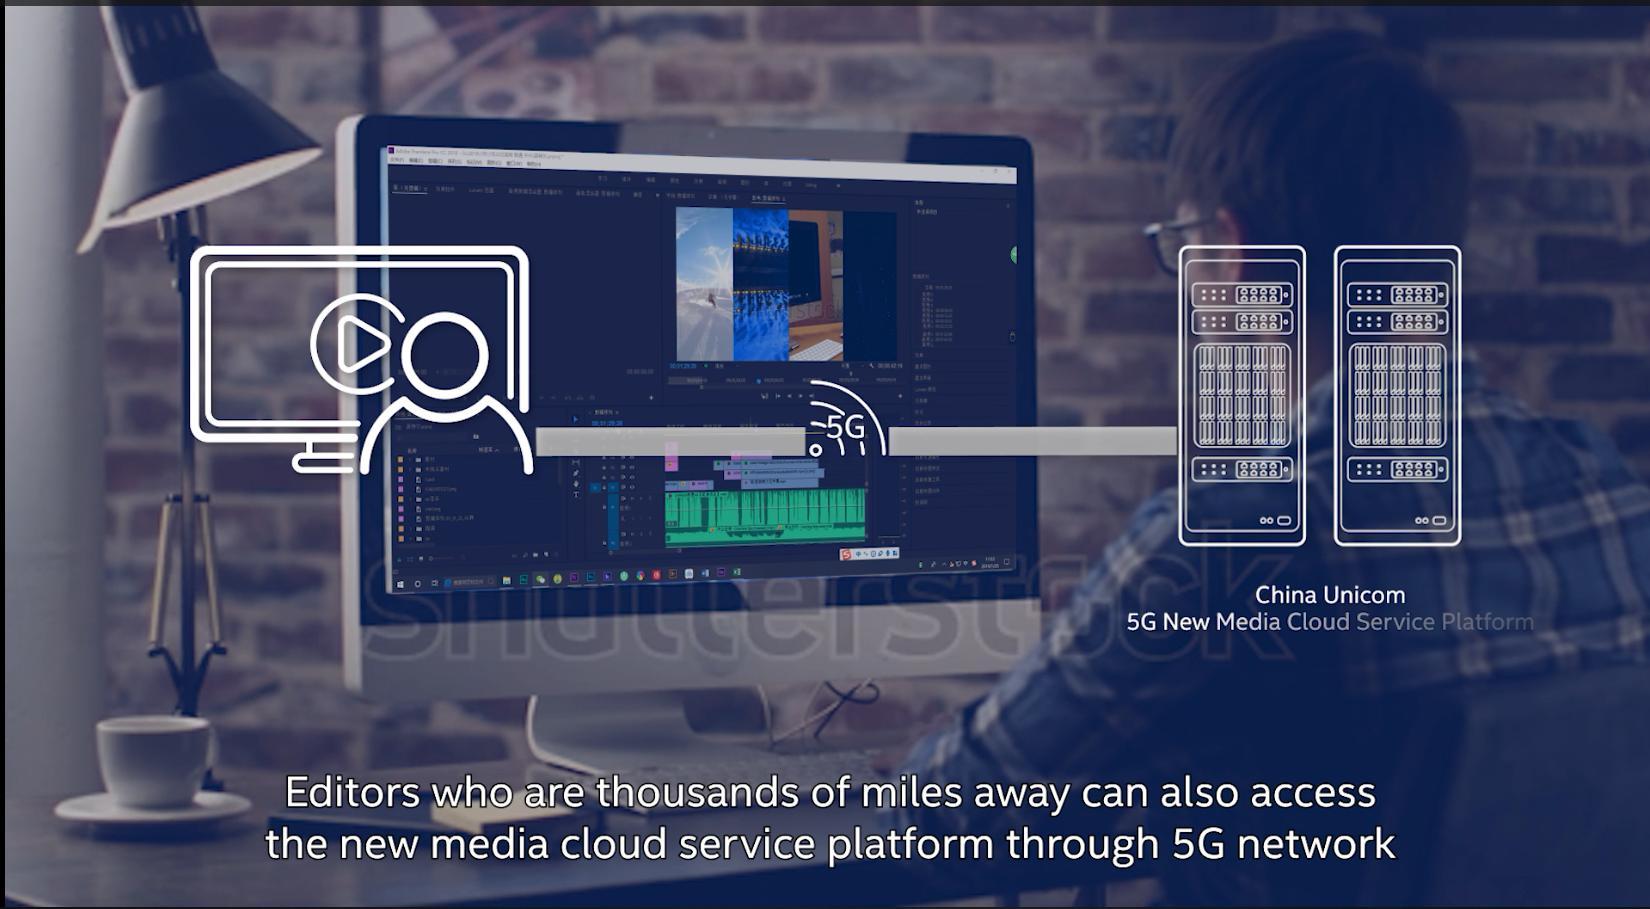 中国联通5G新媒体云服务亮相2019年世界移动大会